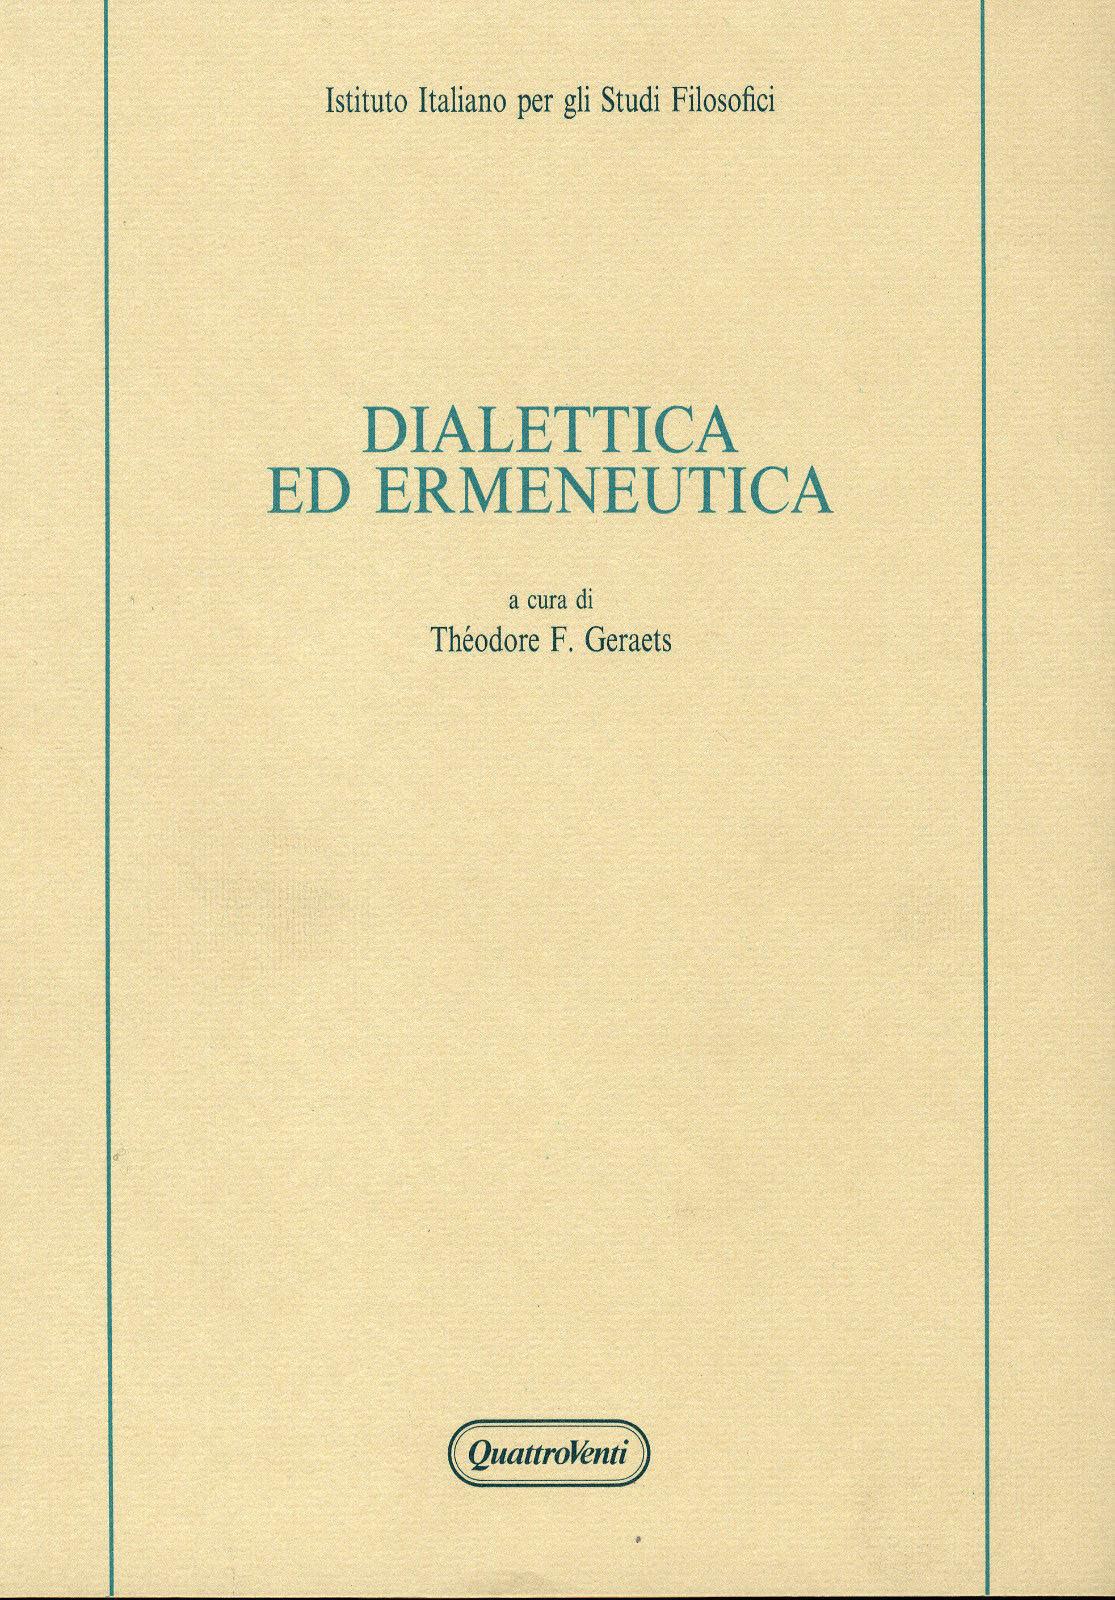 Dialettica ed ermeneutica